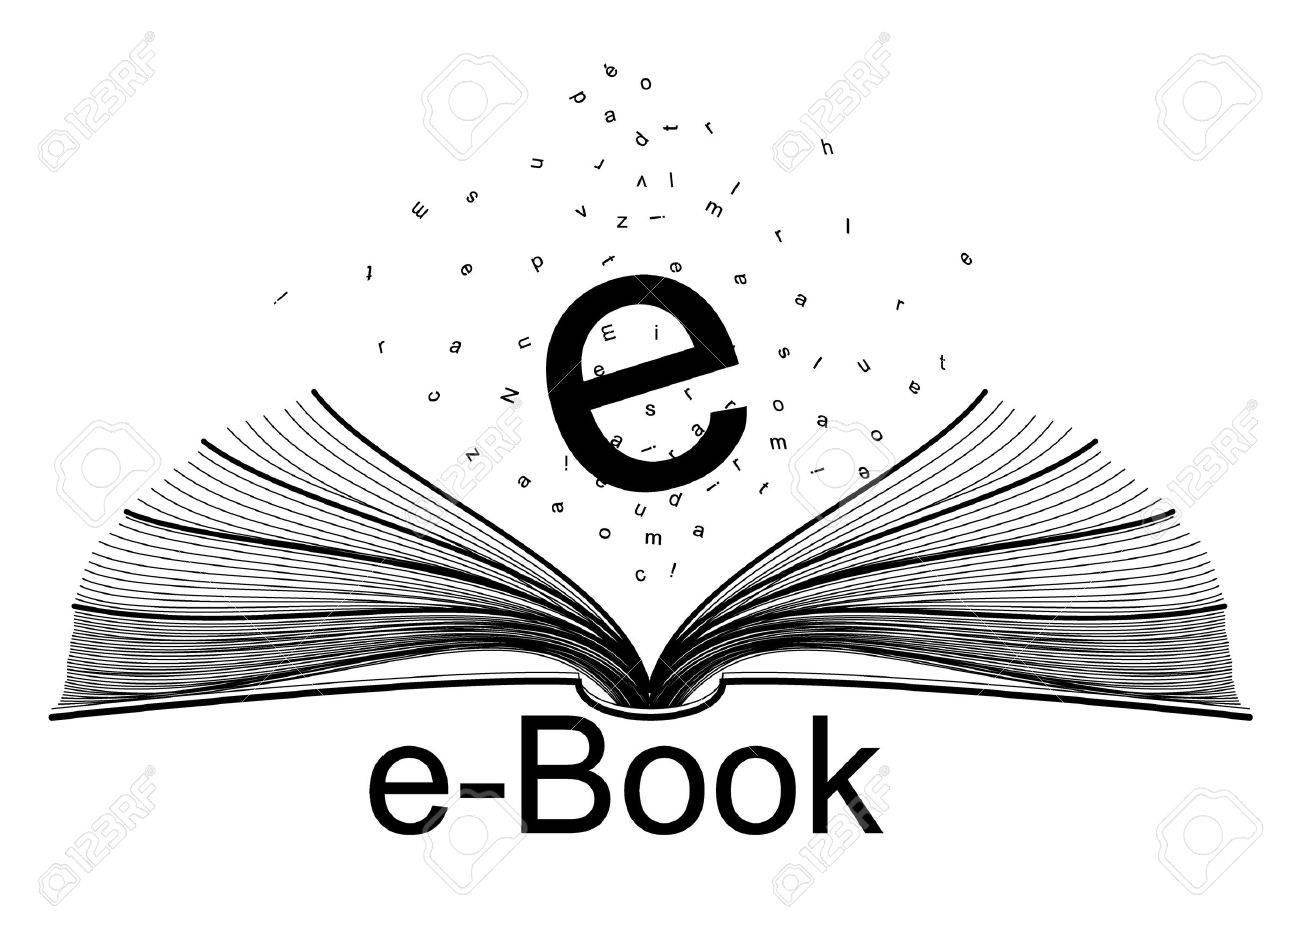 e-book Stock Vector - 8304787